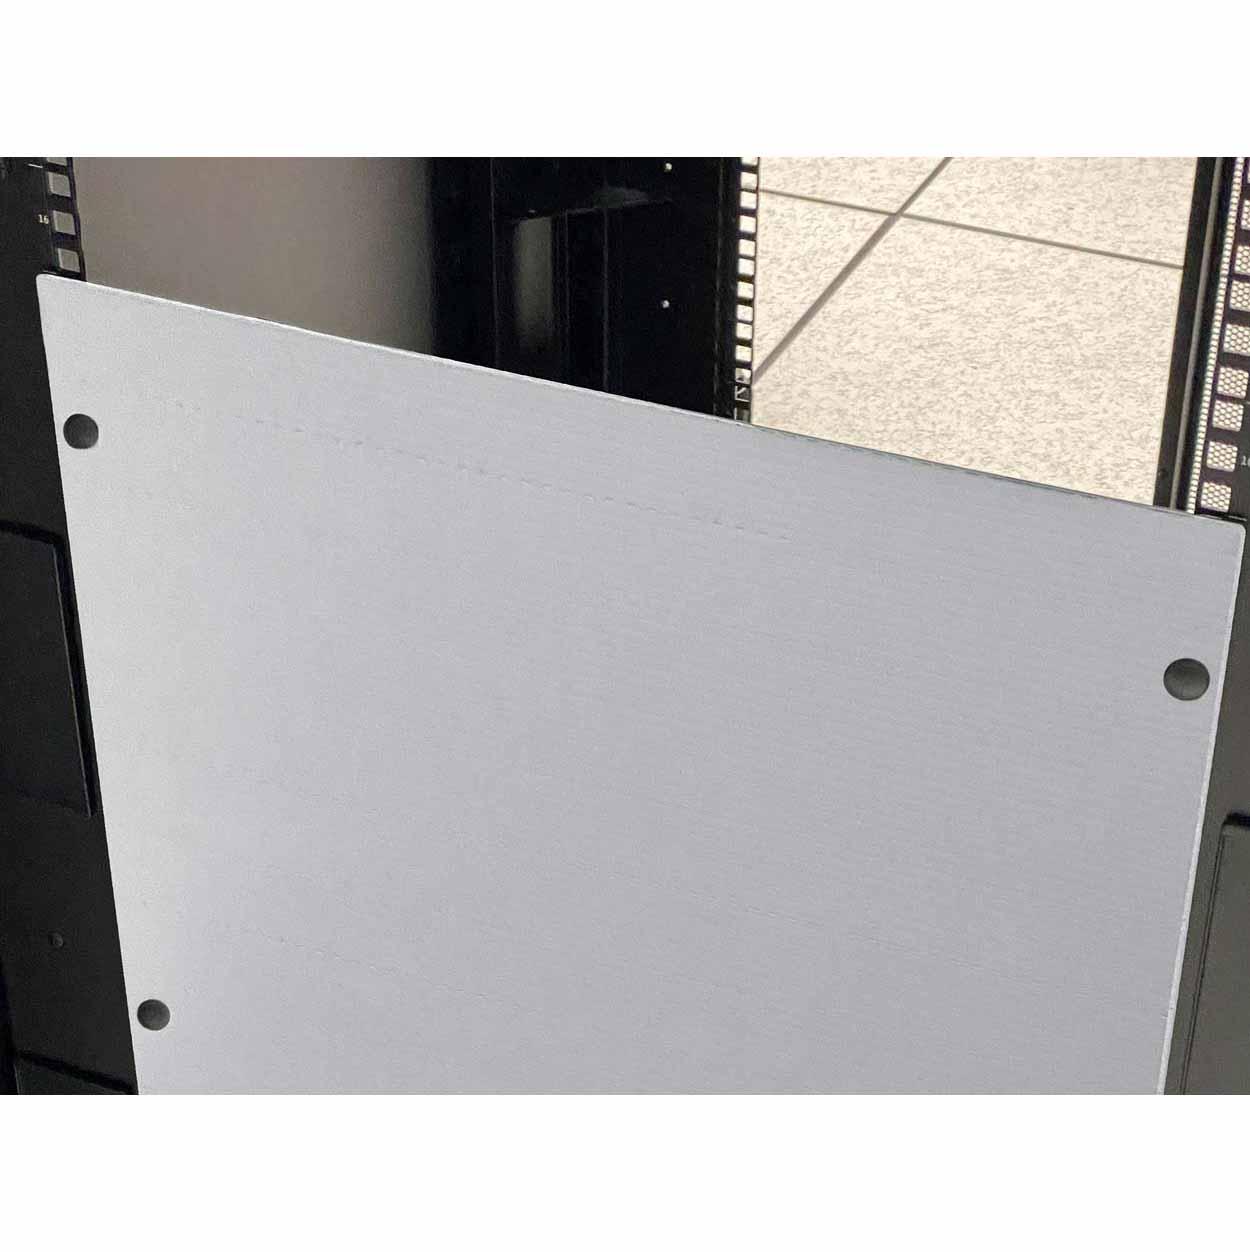 Rackfill white blanking panel in data center server rack